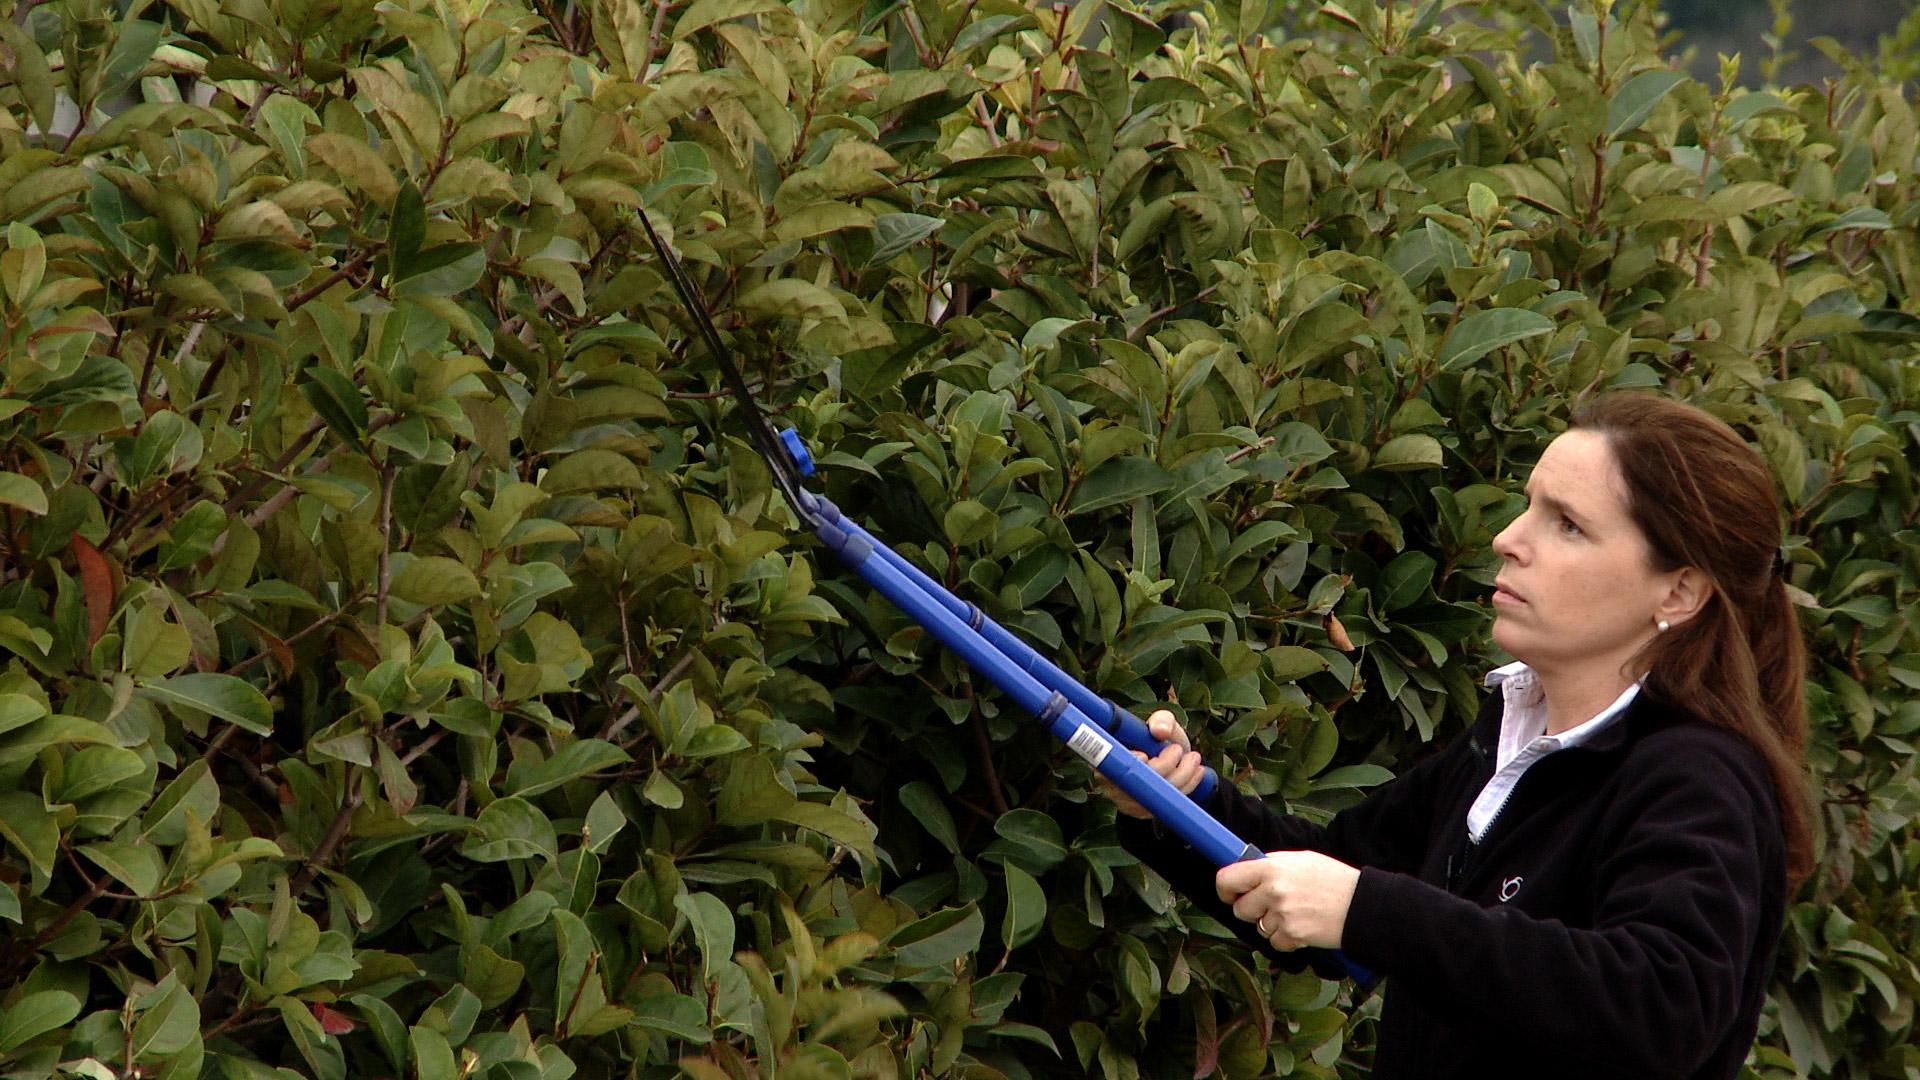 En primavera podemos hacer algunas labores para sacar el máximo provecho a nuestro jardín, una de ellas es preocuparnos del pasto, para tenerlo más verde, pero con menos gasto de agua y fertilizante. Además de hacer una mantención para evitar que los setos se pongan leñosos y pierdan su follaje verde.